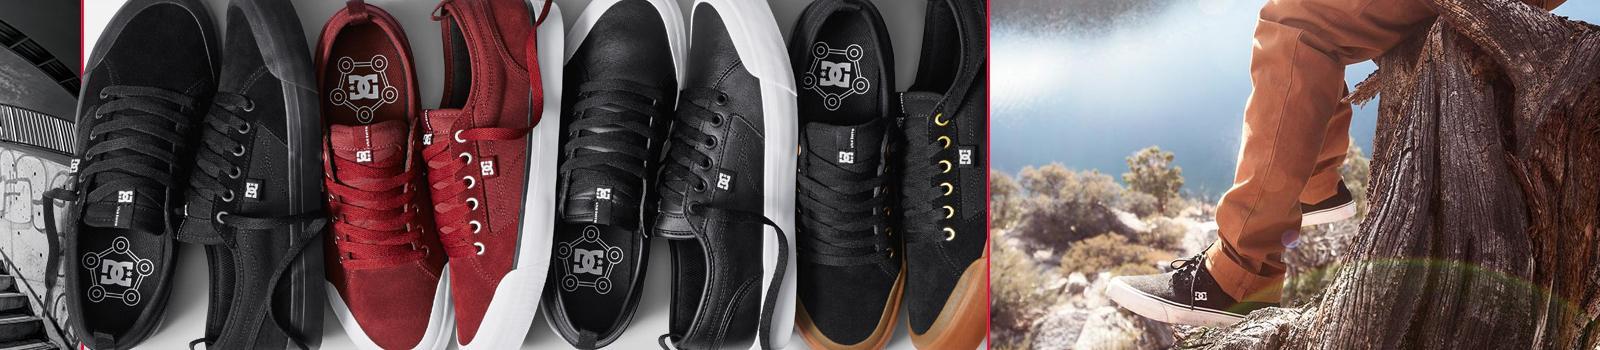 магазин мужской обуви, купить мужскую обувь, зимняя обувь мужская, мужская обувь интернет магазин